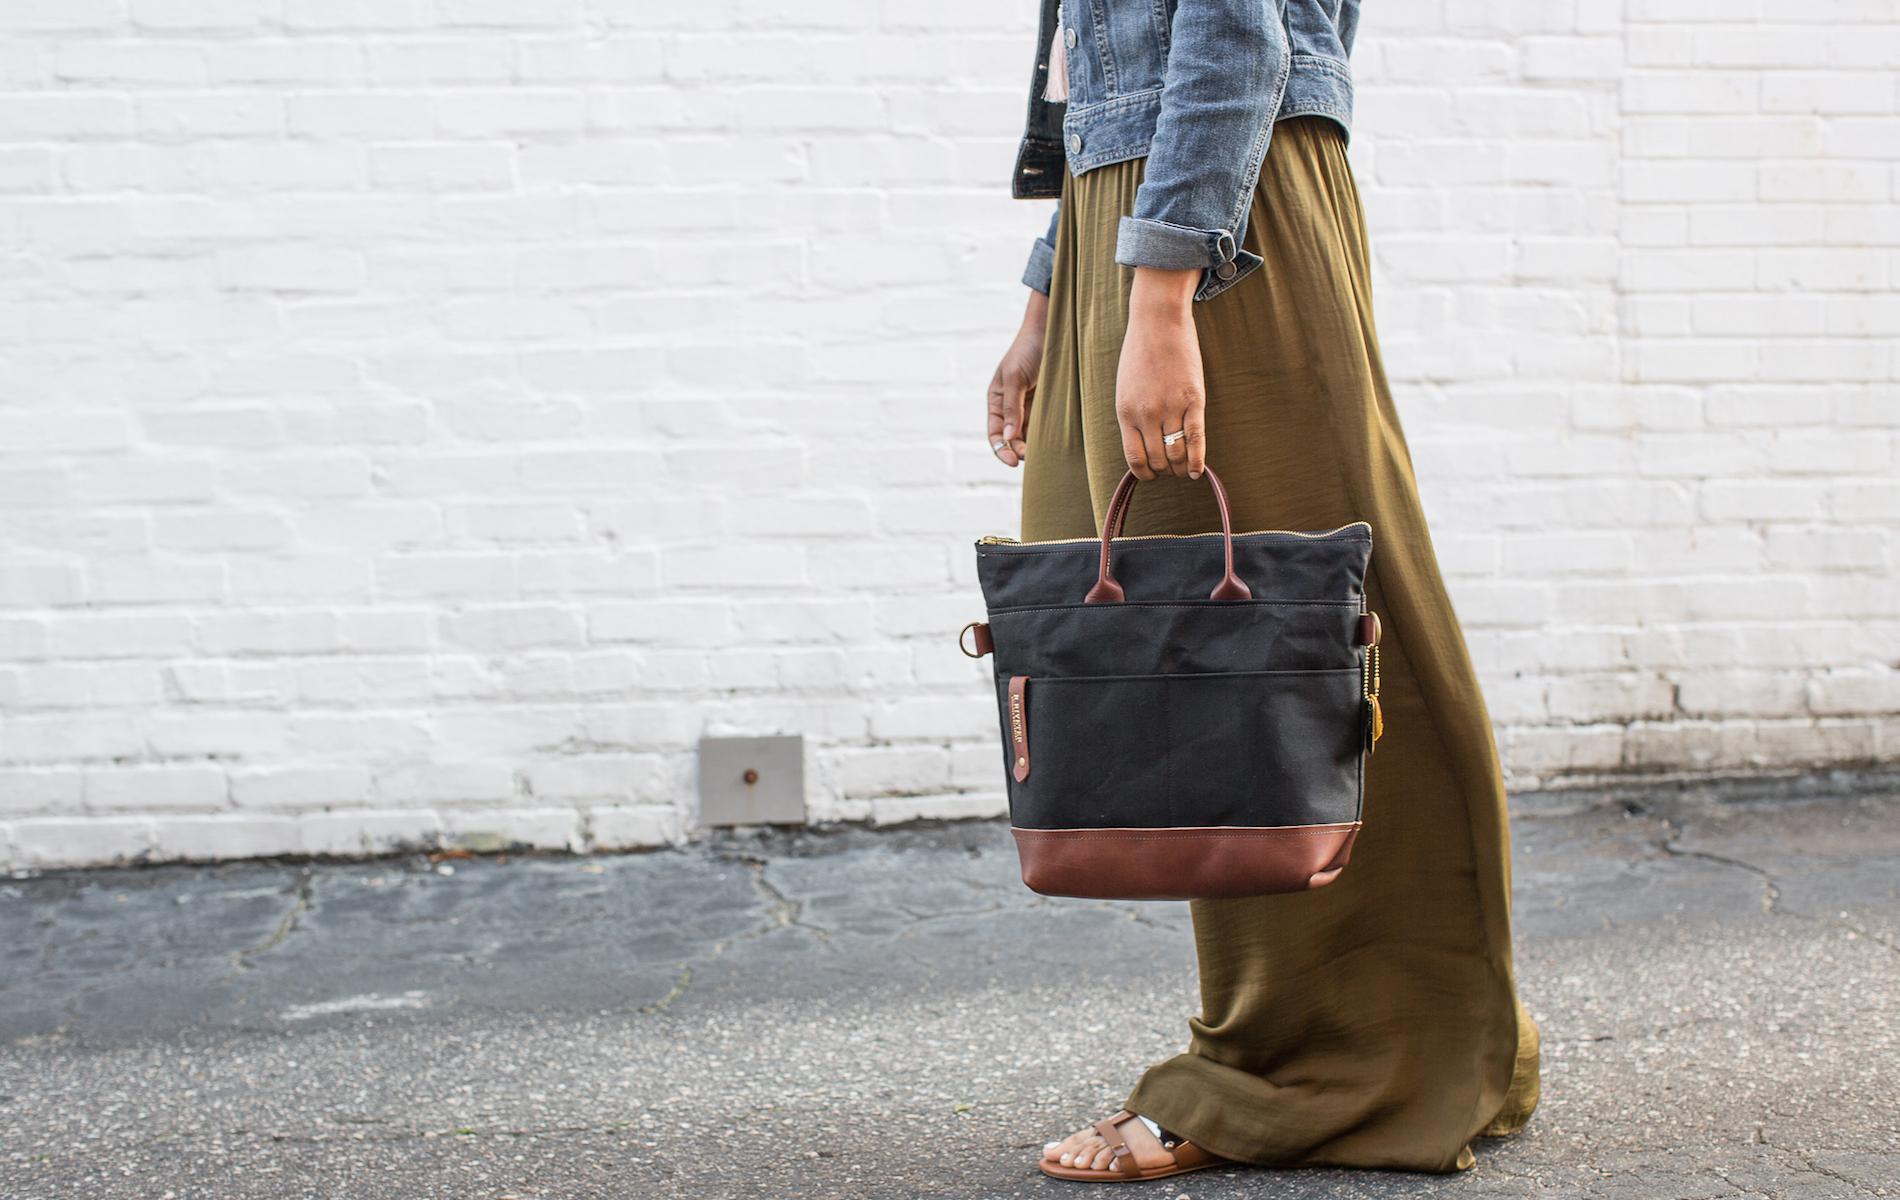 R Riverter Satchel Handbag